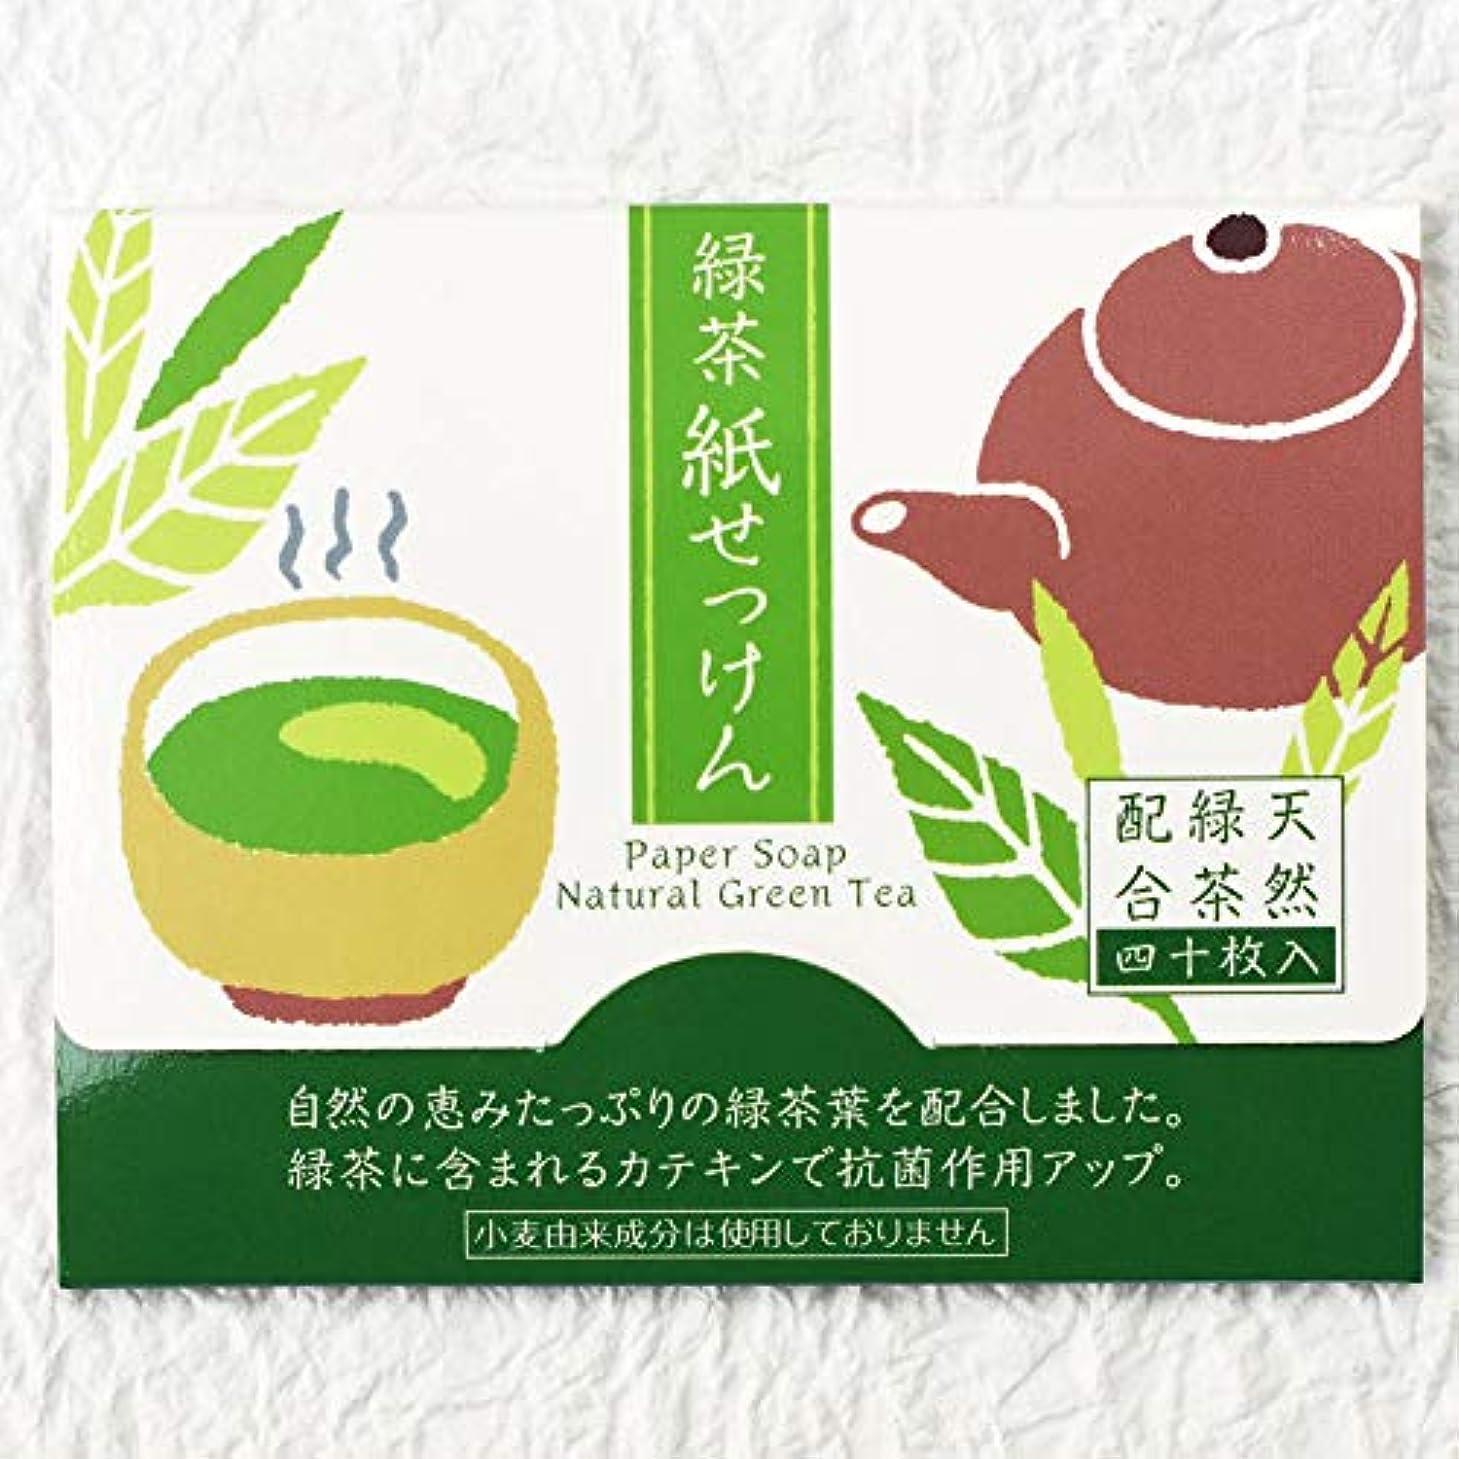 パシフィック誠意愛されし者表現社 紙せっけん 天然緑茶配合 22-289